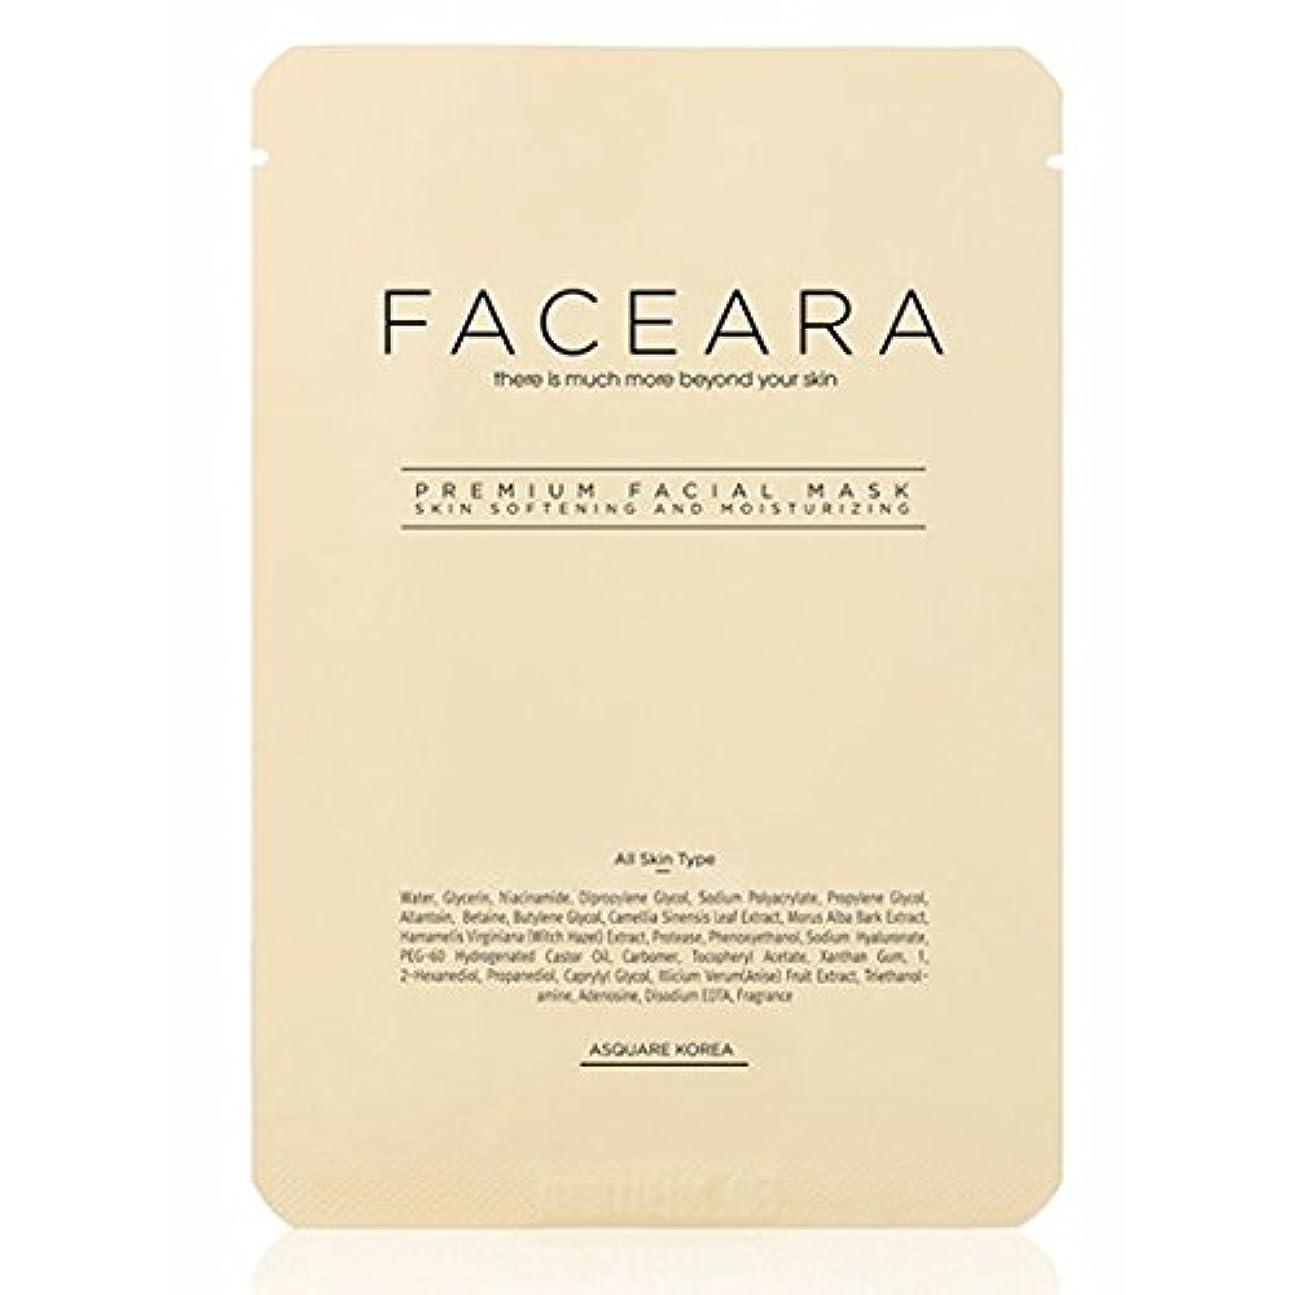 浸漬ダイヤモンド囲む[並行輸入品] FACEARA スクラブ&スーパーモイスチャライザー用プレミアムフェイシャルマスクシート25g 5本セット / FACEARA Premium Facial Mask Sheet for Scrub &...